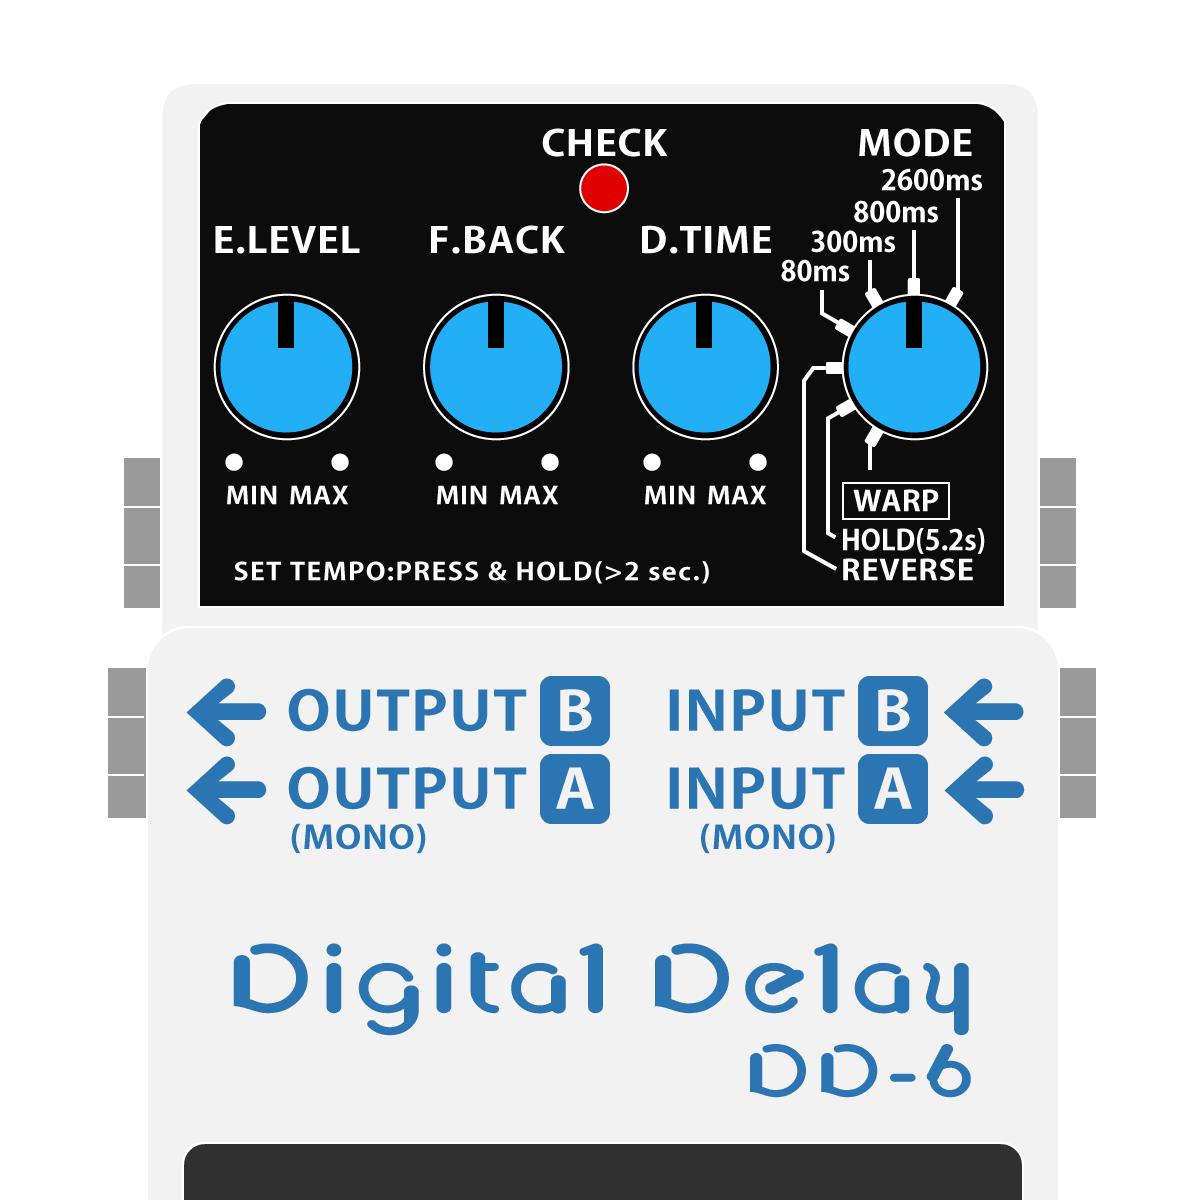 DD-6 Digital Delay(デジタルディレイ)